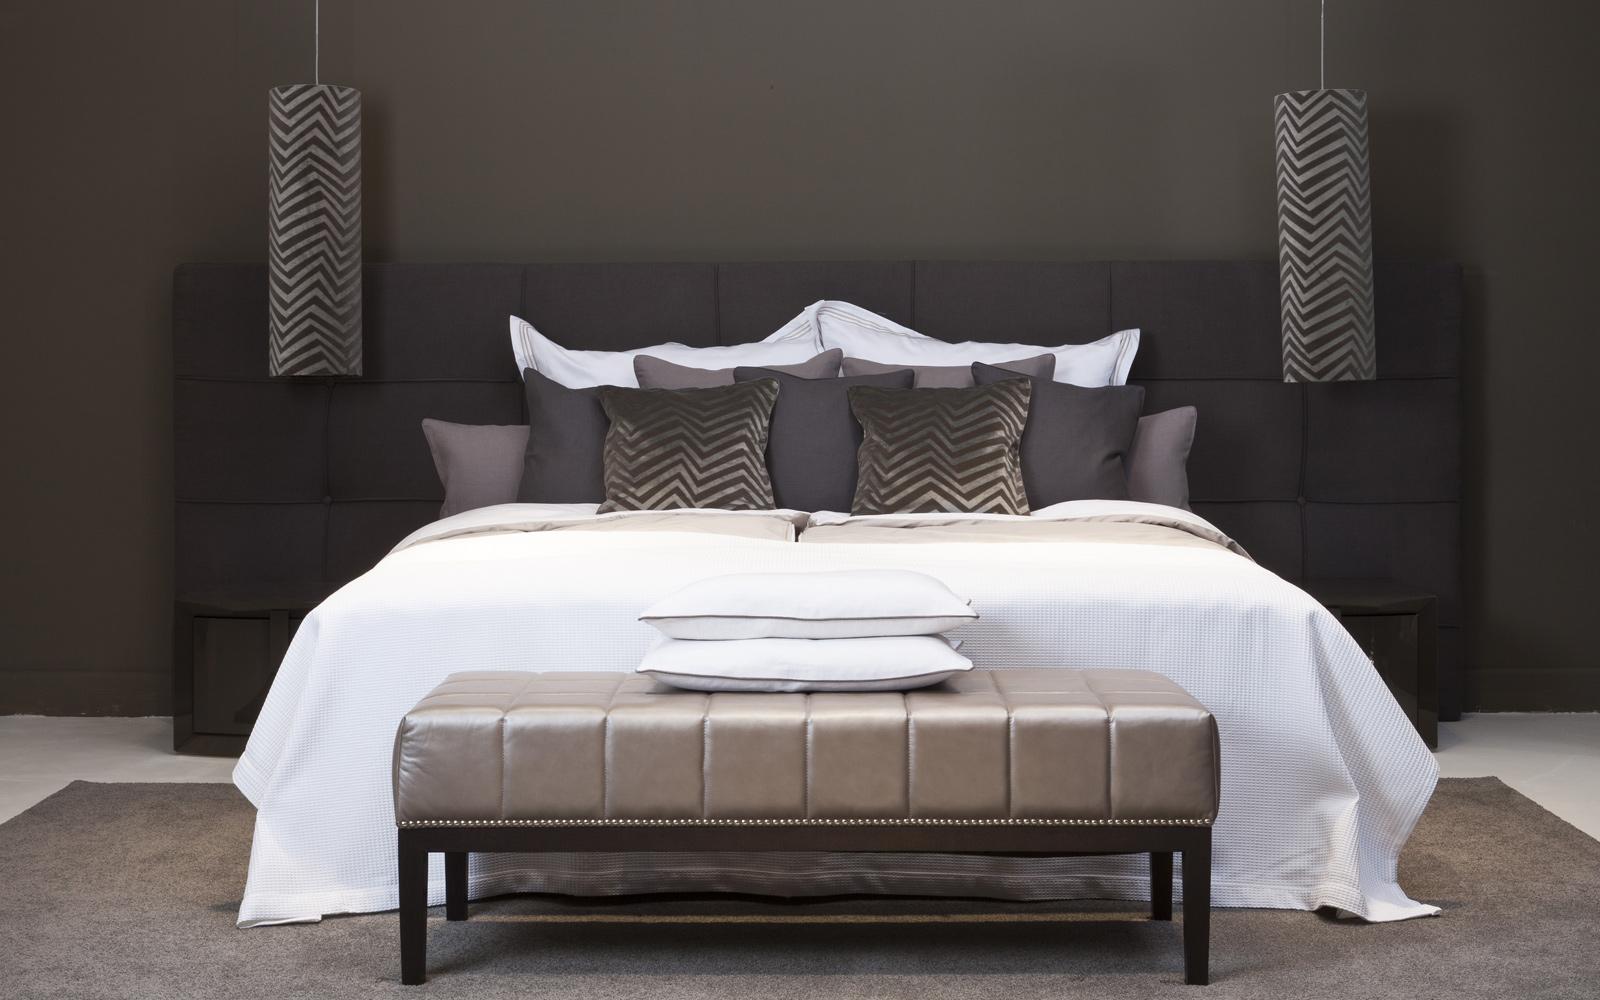 bockspring bett yuuto walter knoll bett with bockspring bett interesting medium size of bett. Black Bedroom Furniture Sets. Home Design Ideas